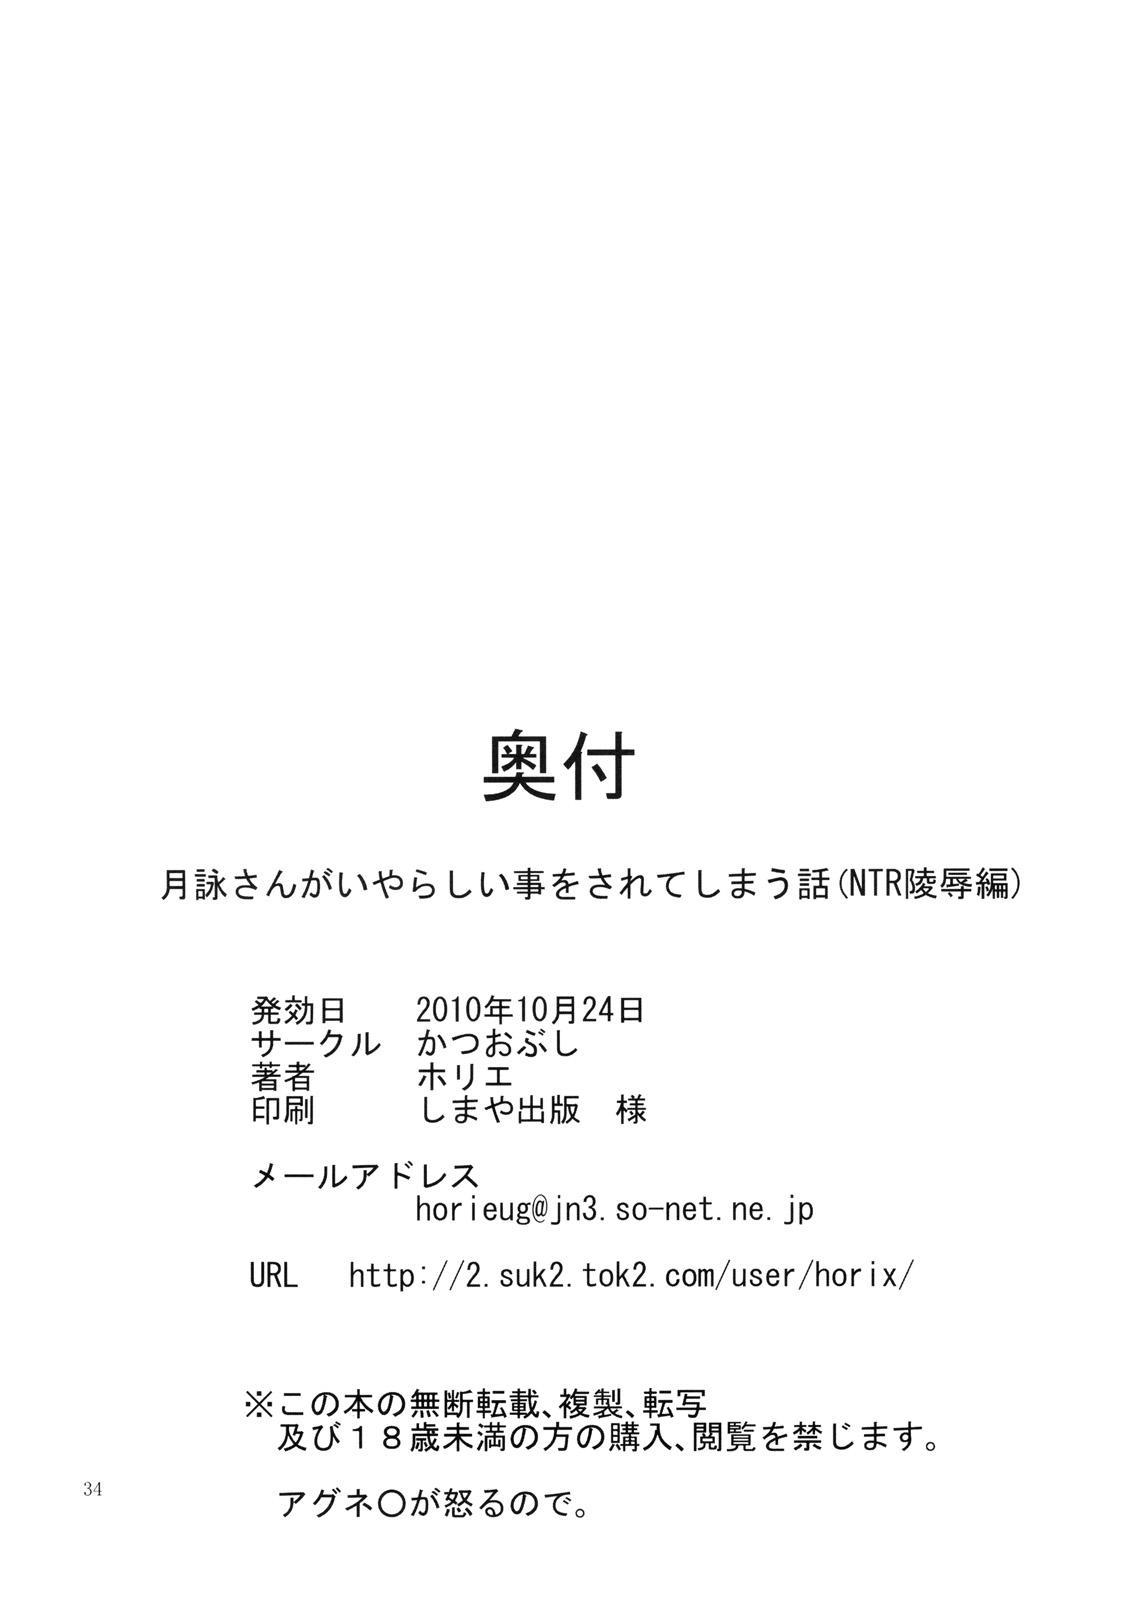 (SC49) [Katsuobushi (Horie)] Tsukuyo-san ga Iyarashii Koto o Sarete Shimau Hanashi -NTR Ryoujoku Hen- [English] [Twilight Sparkle1998] 32